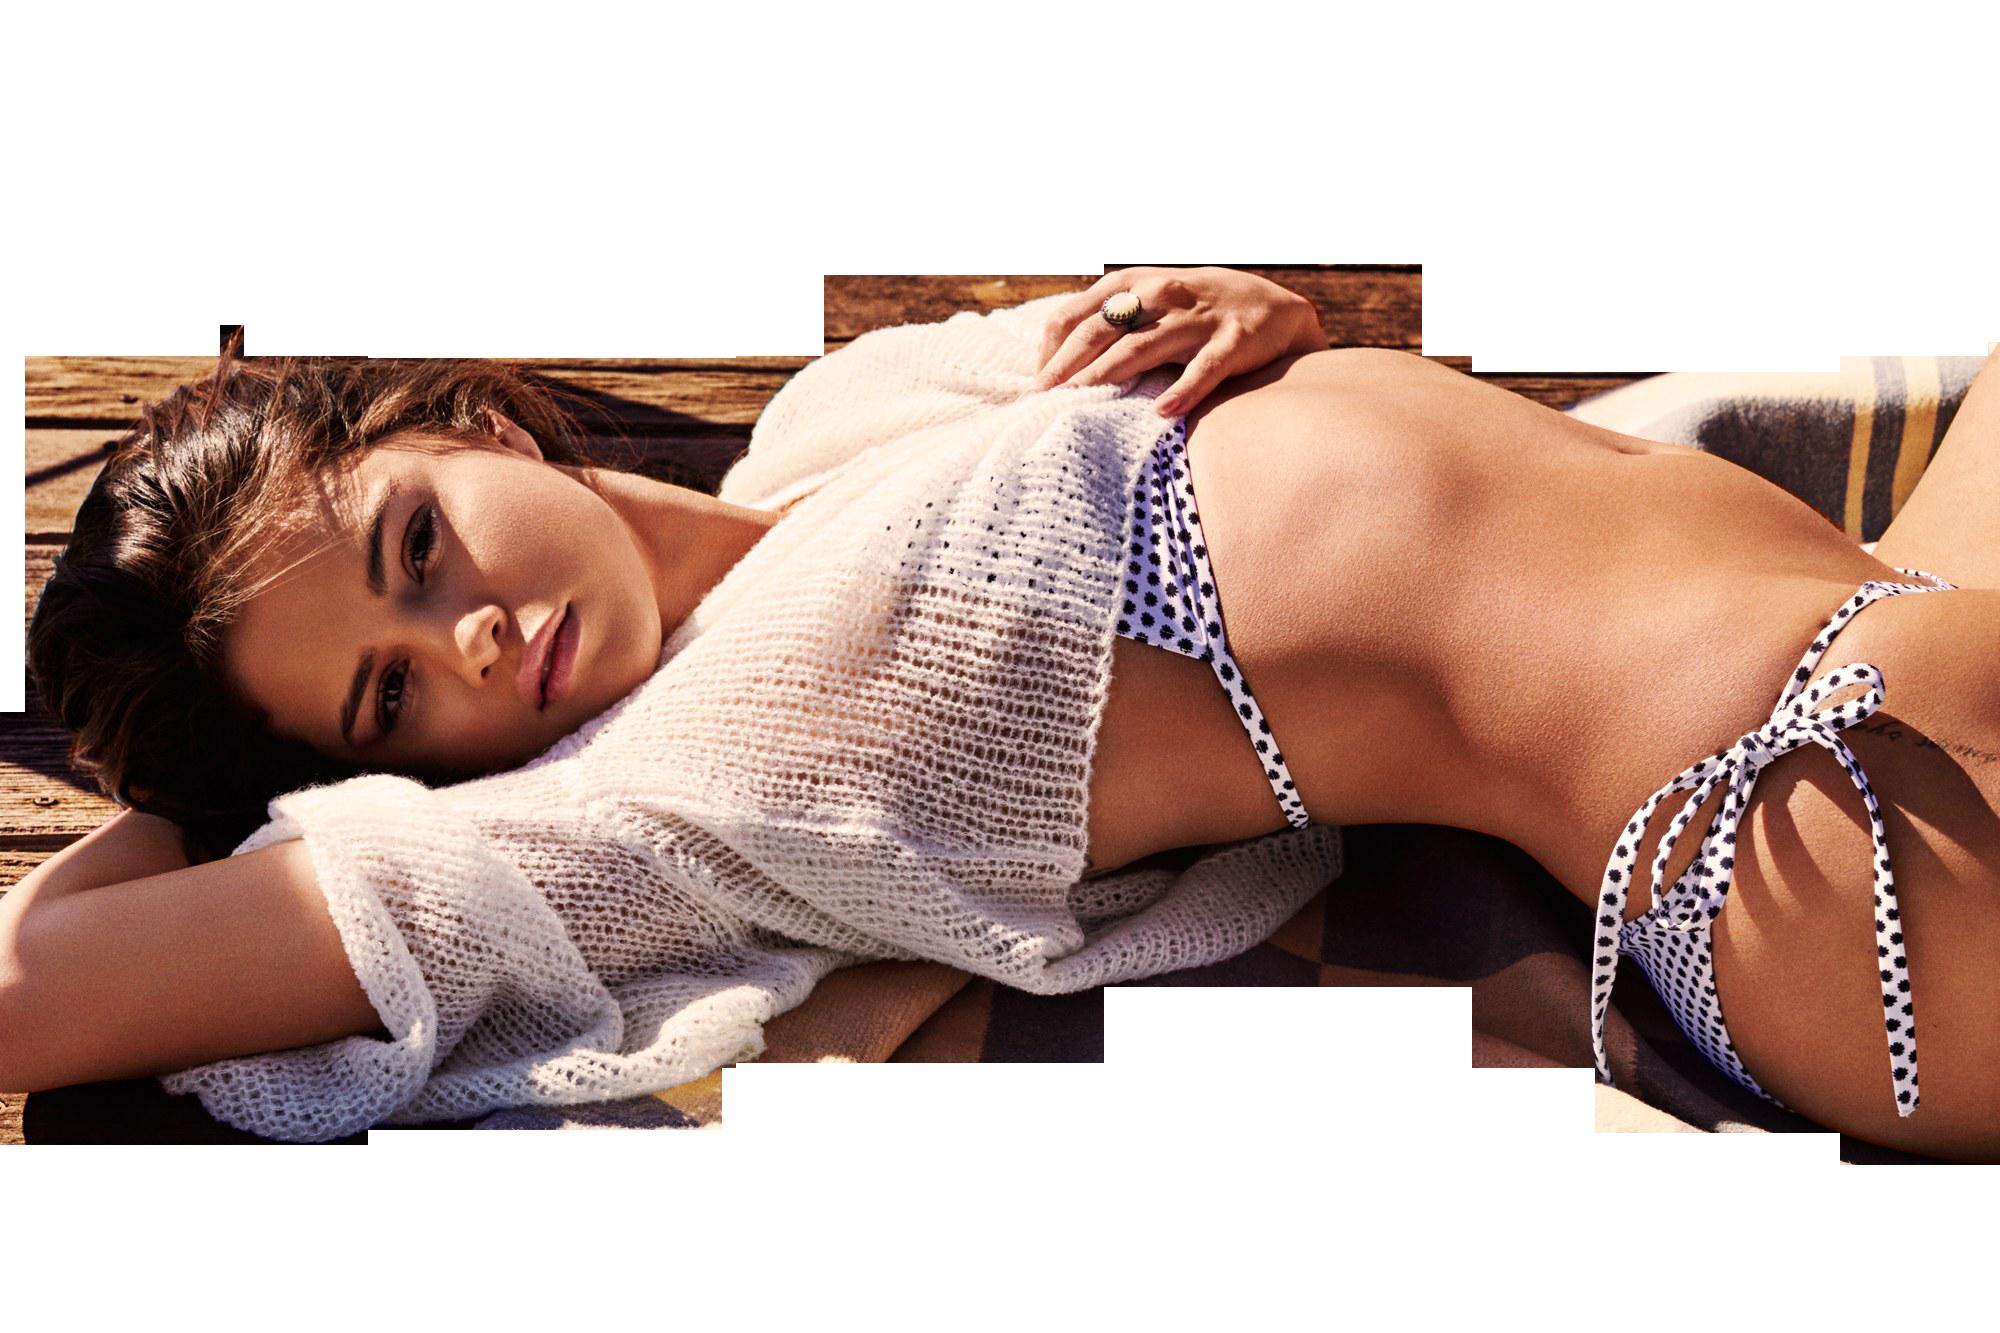 Selena Gomez in Bikini Hot PNG Image